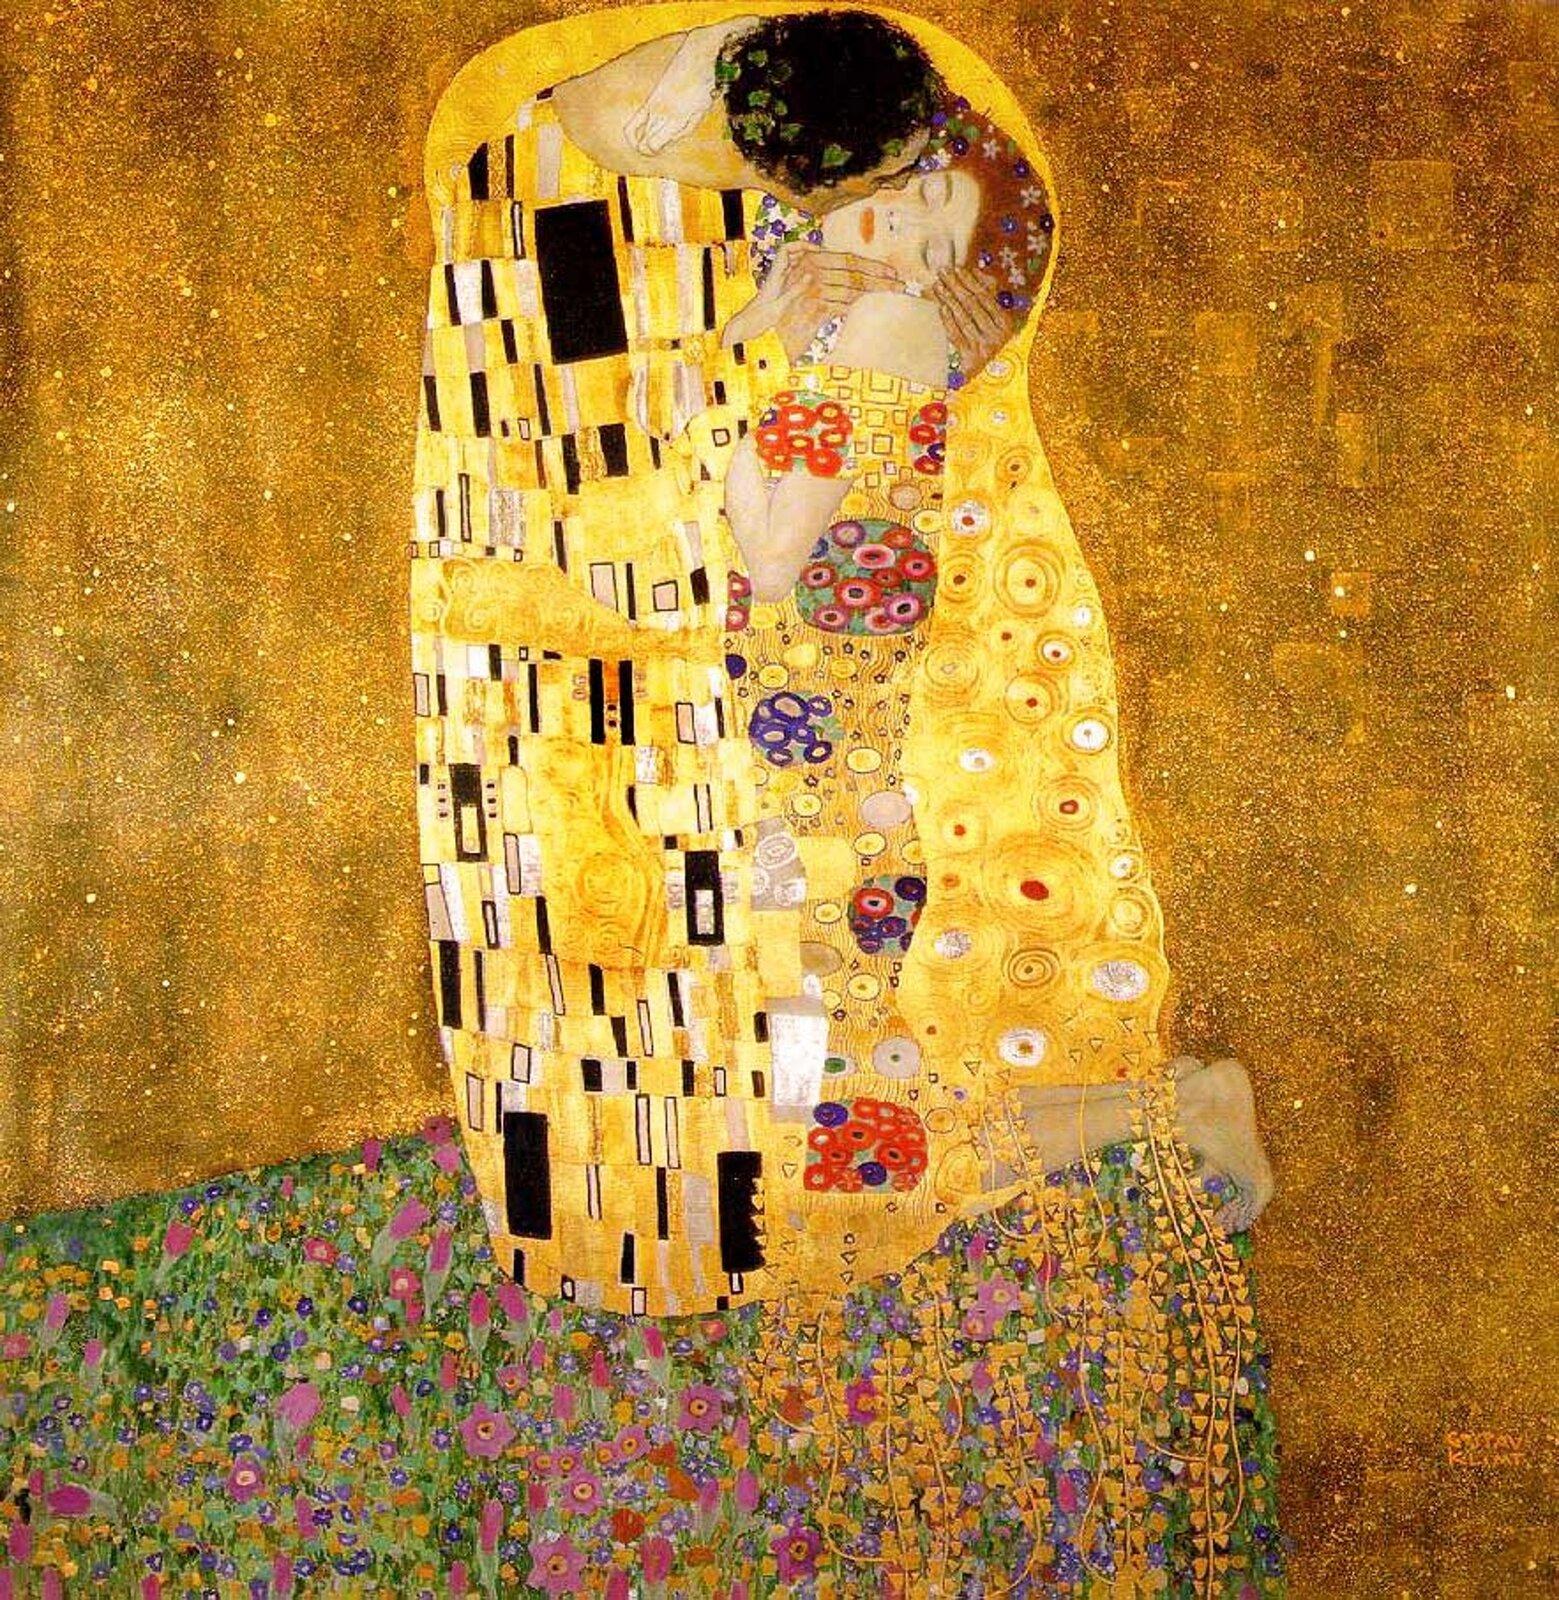 """lustracja przedstawia obraz """"Pocałunek"""" autorstwa Gustawa Klimty. Obraz ukazuje parę zakochanych zawieszonych wusianej gwiazdami kosmicznej przestrzeni skąpanej wblasku szlachetnego metalu. Obie postaci pokazane są wsposób prosty. Ciało mężczyzny objęte jest formami twardymi (czarne prostokąty), akobiety zformami miękkimi (barwne kręgi)."""